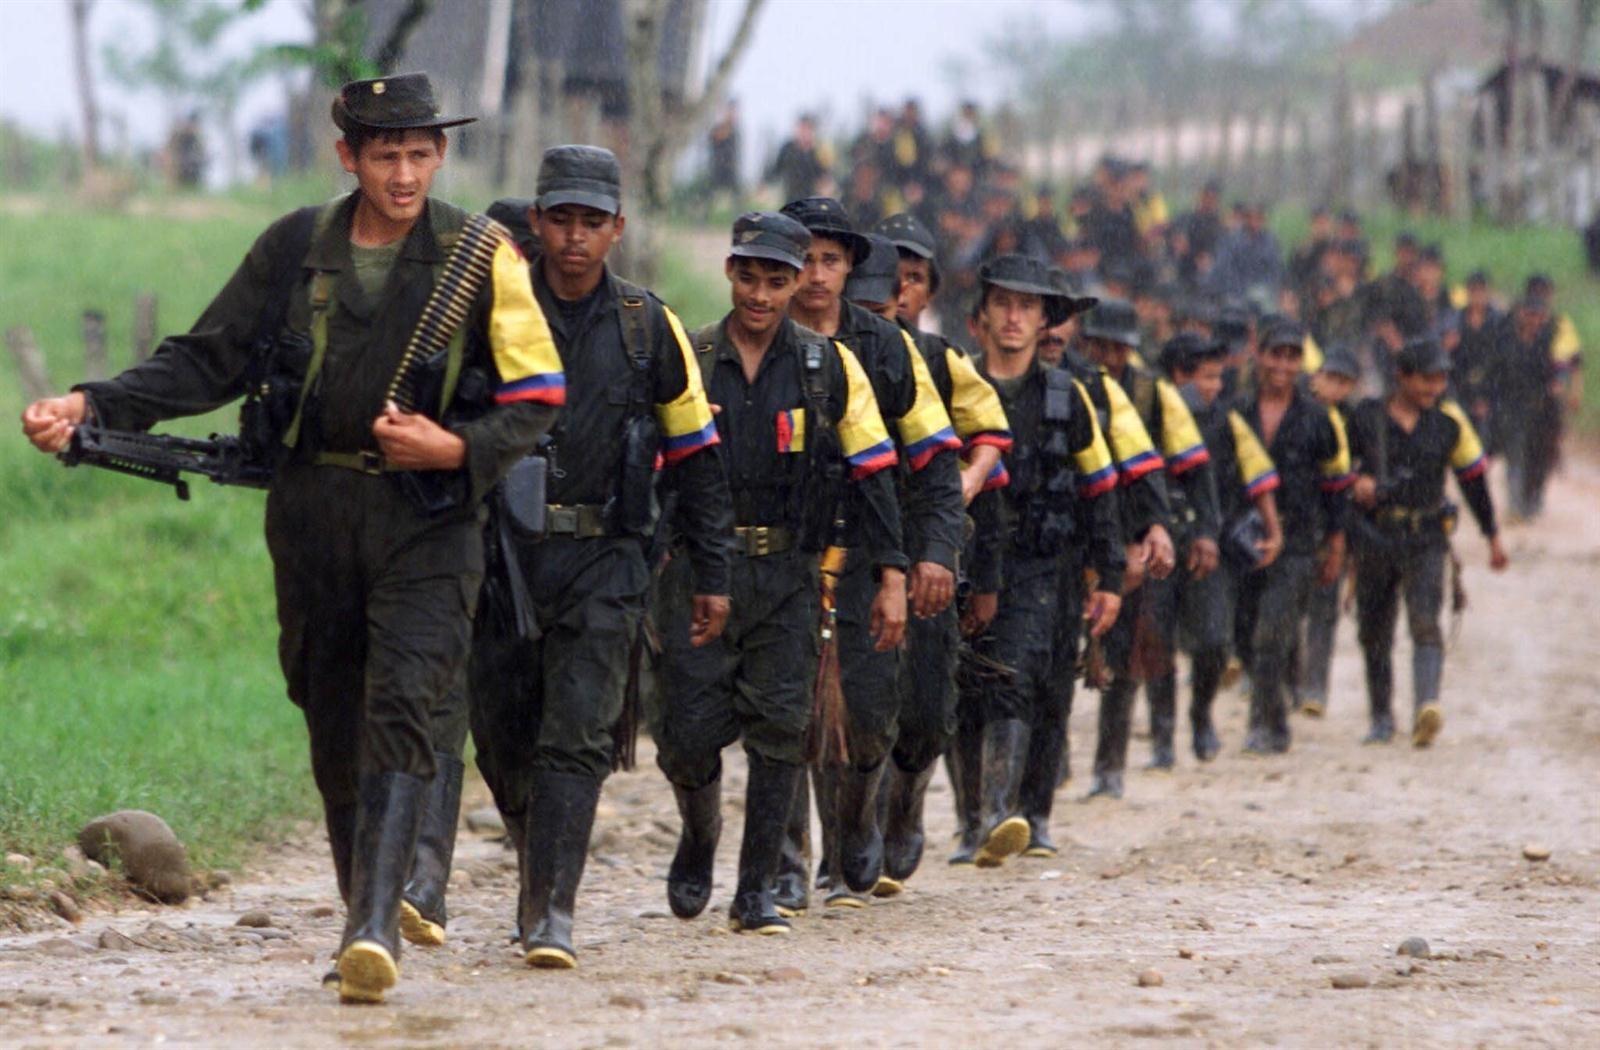 Después de 53 años en guerra, las FARC abandonan completamente las armas